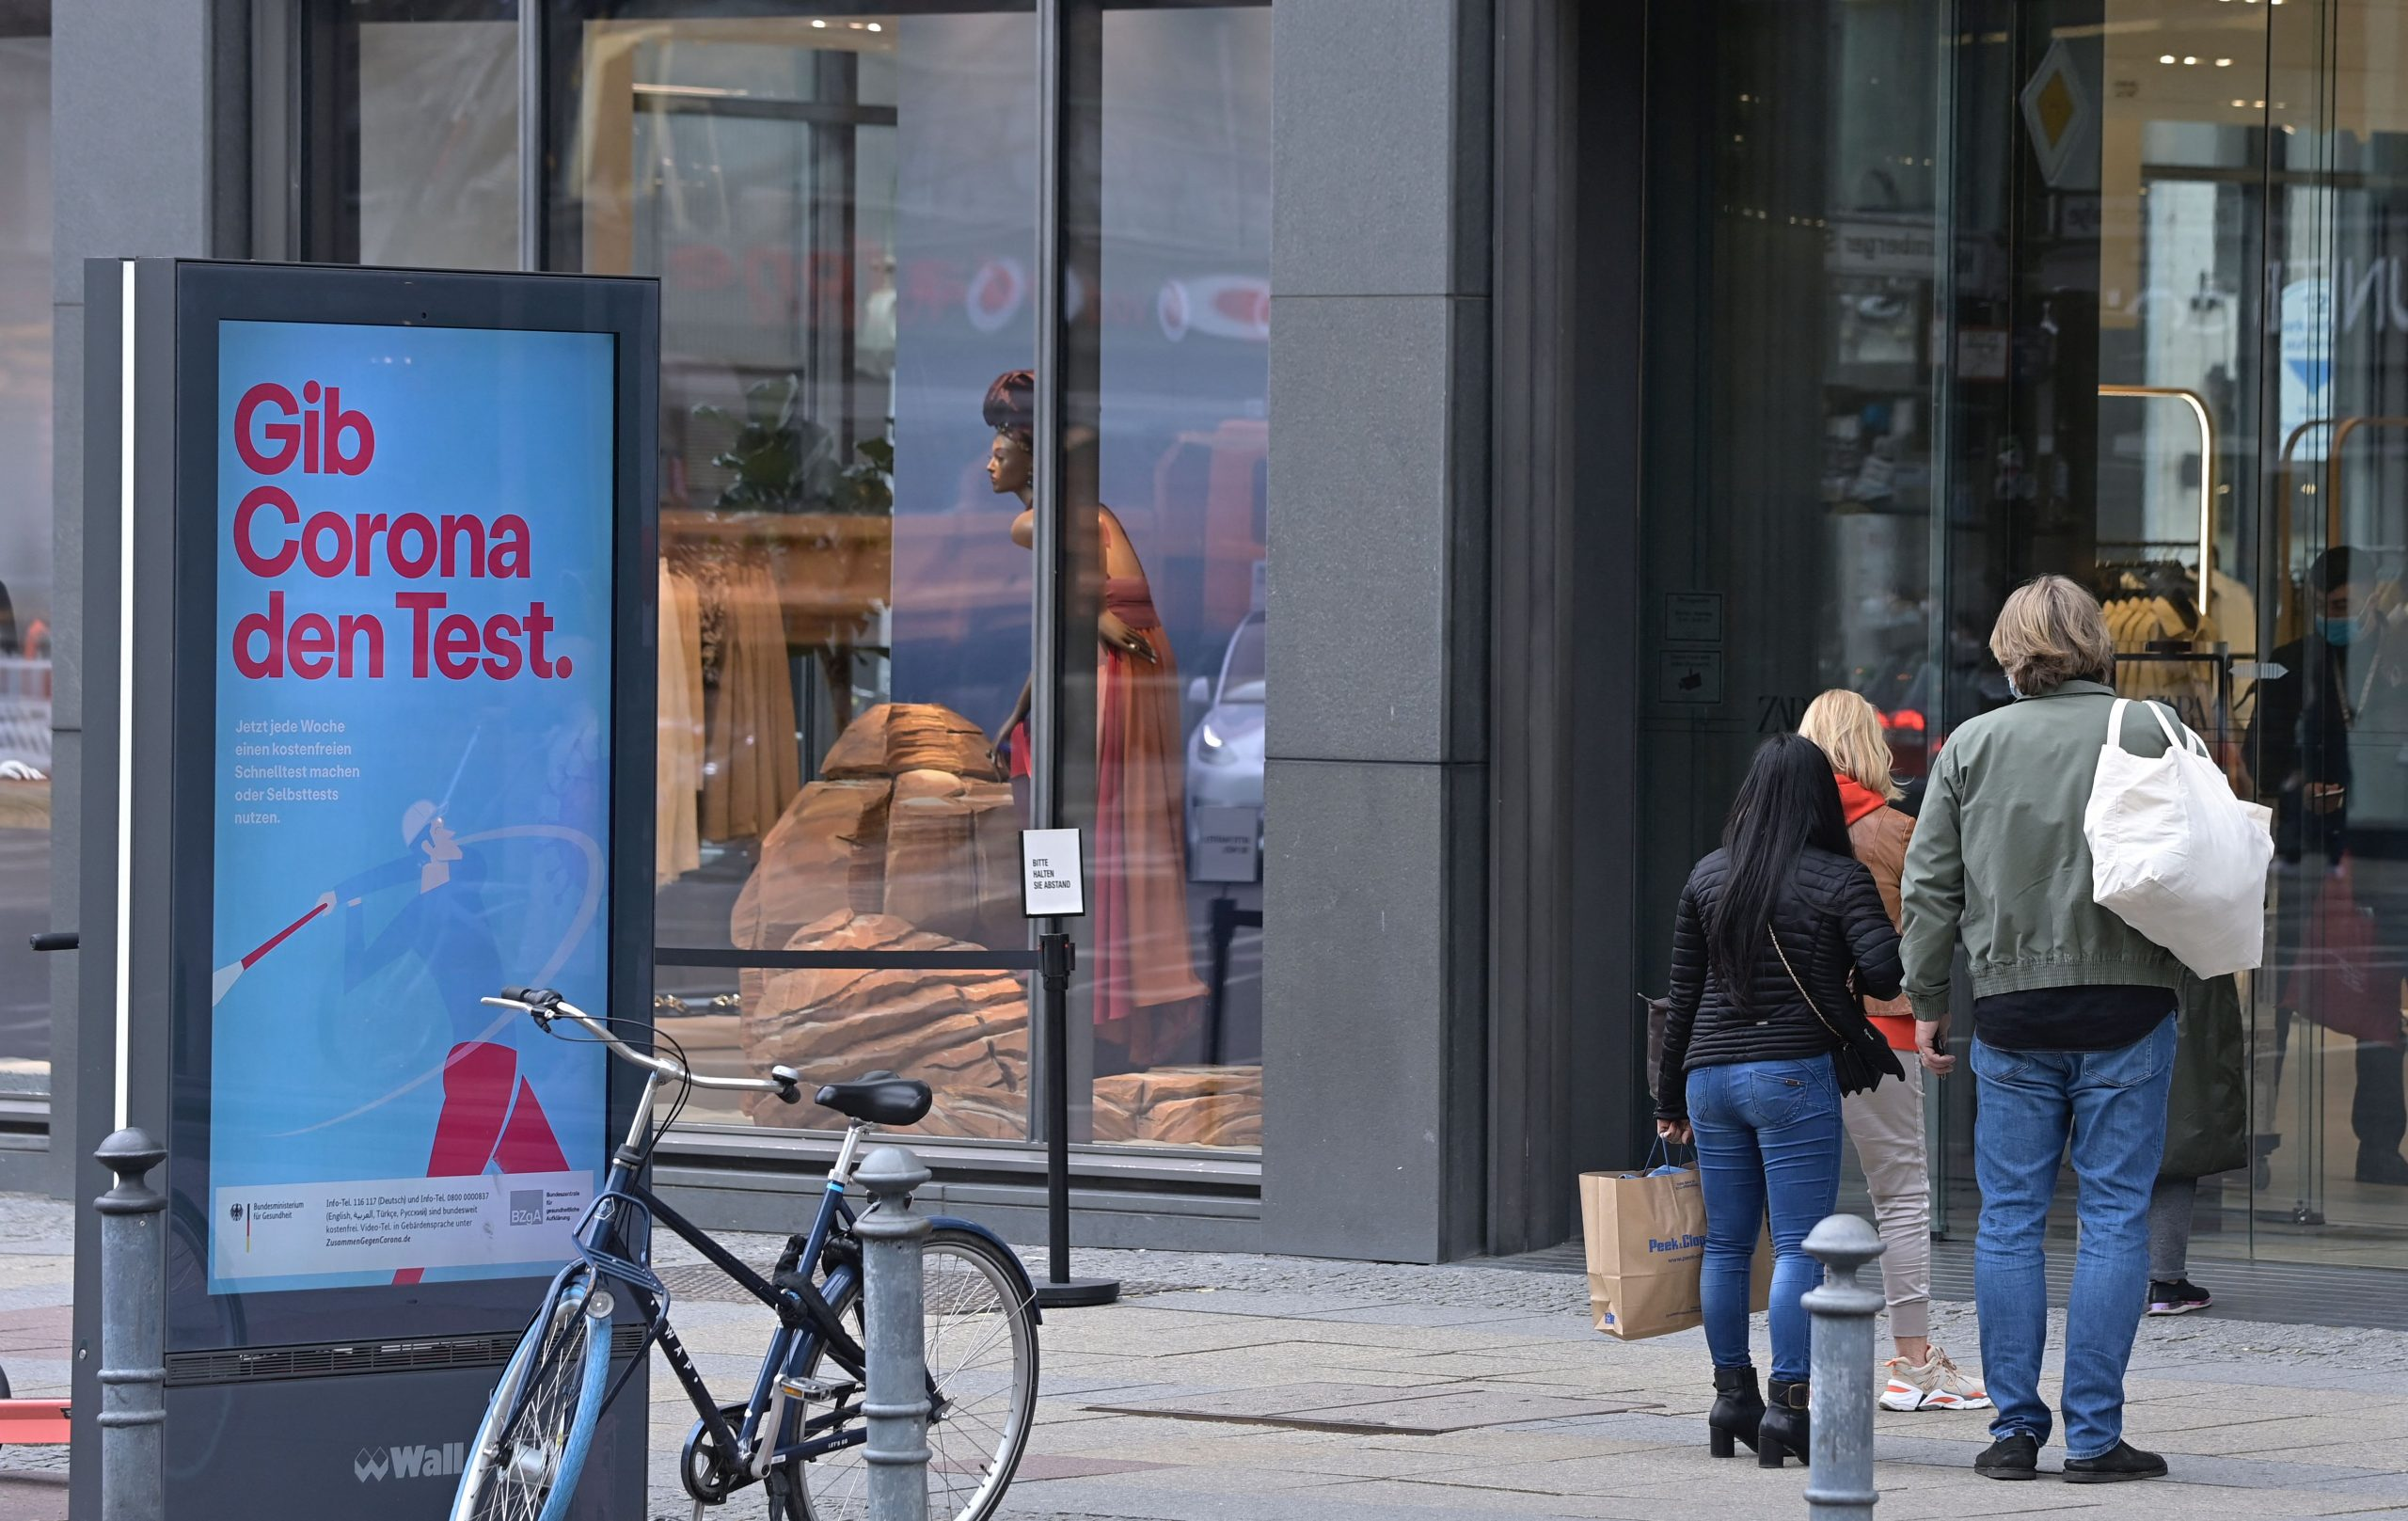 Handelsverband befürchtet bis zu 120.000 Geschäftsaufgaben wegen Corona-Krise